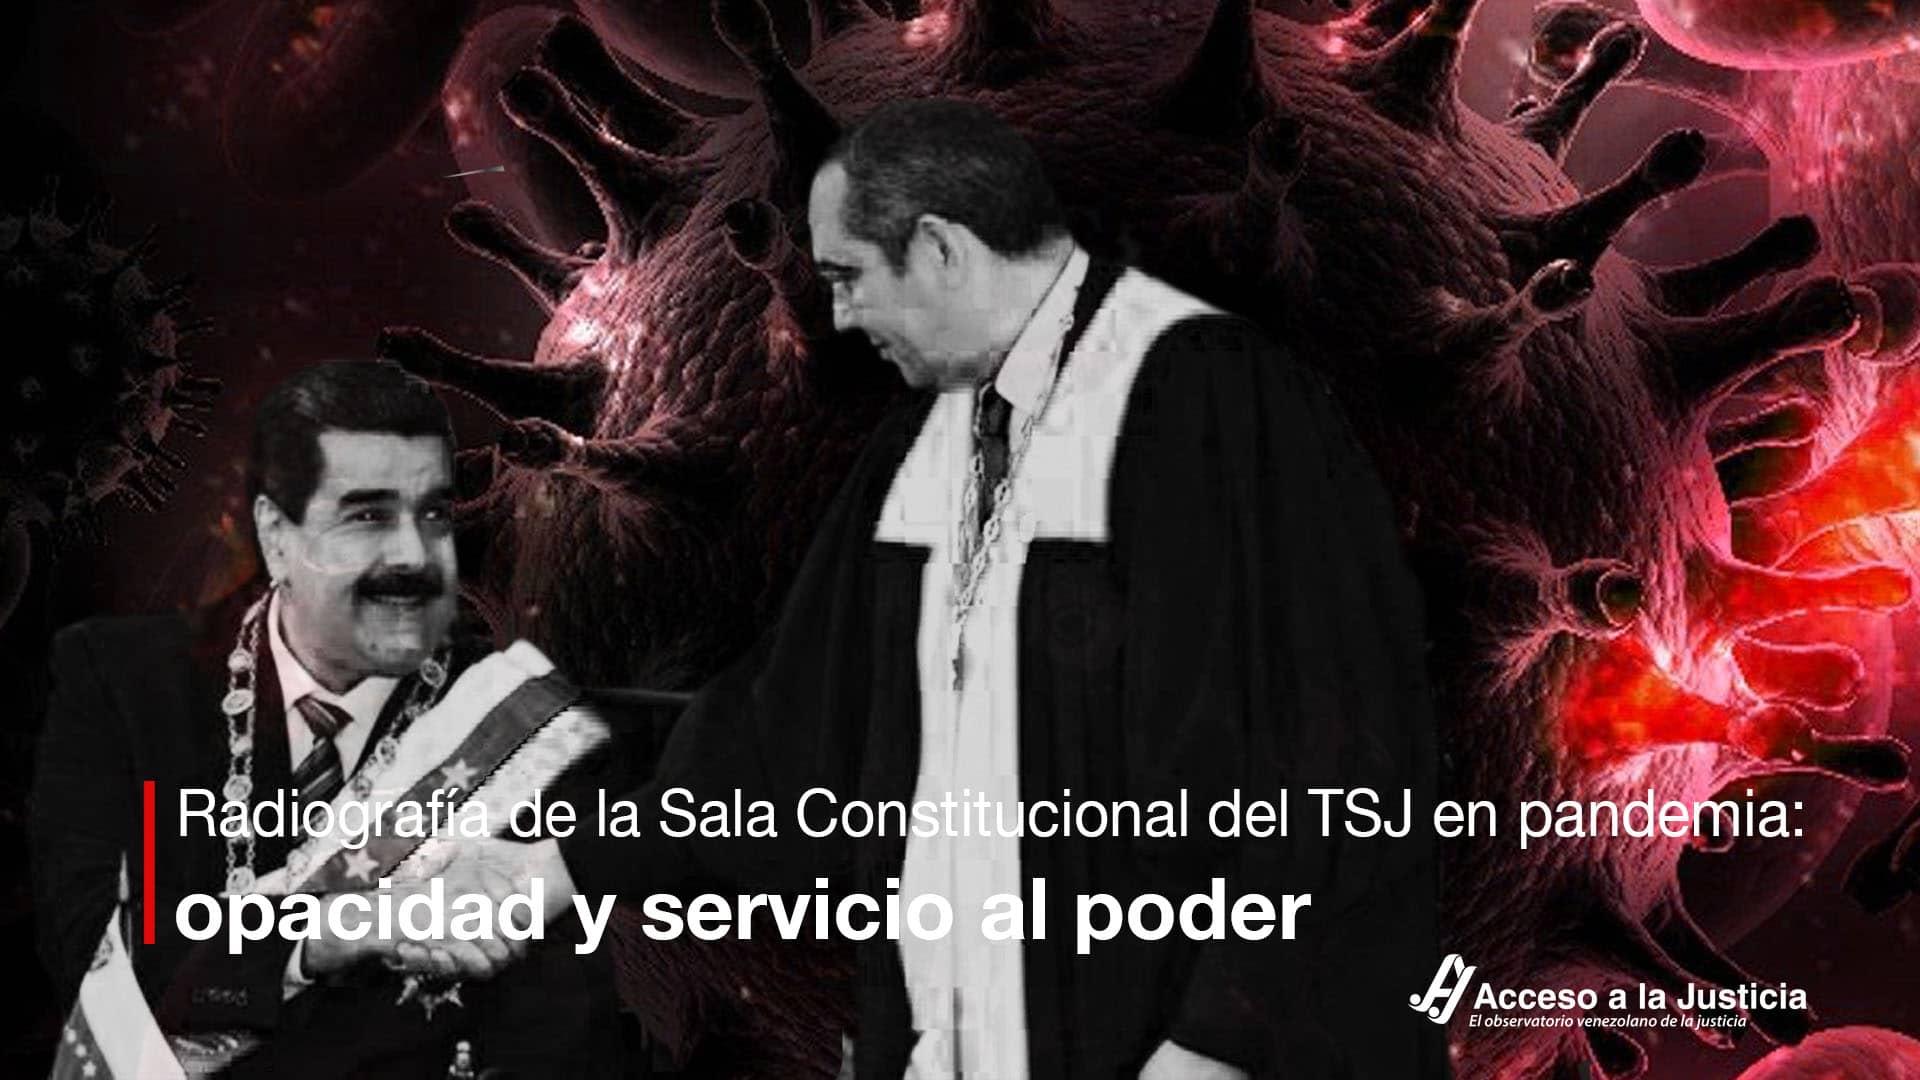 Radiografía de la Sala Constitucional del TSJ en pandemia: opacidad y servicio al poder